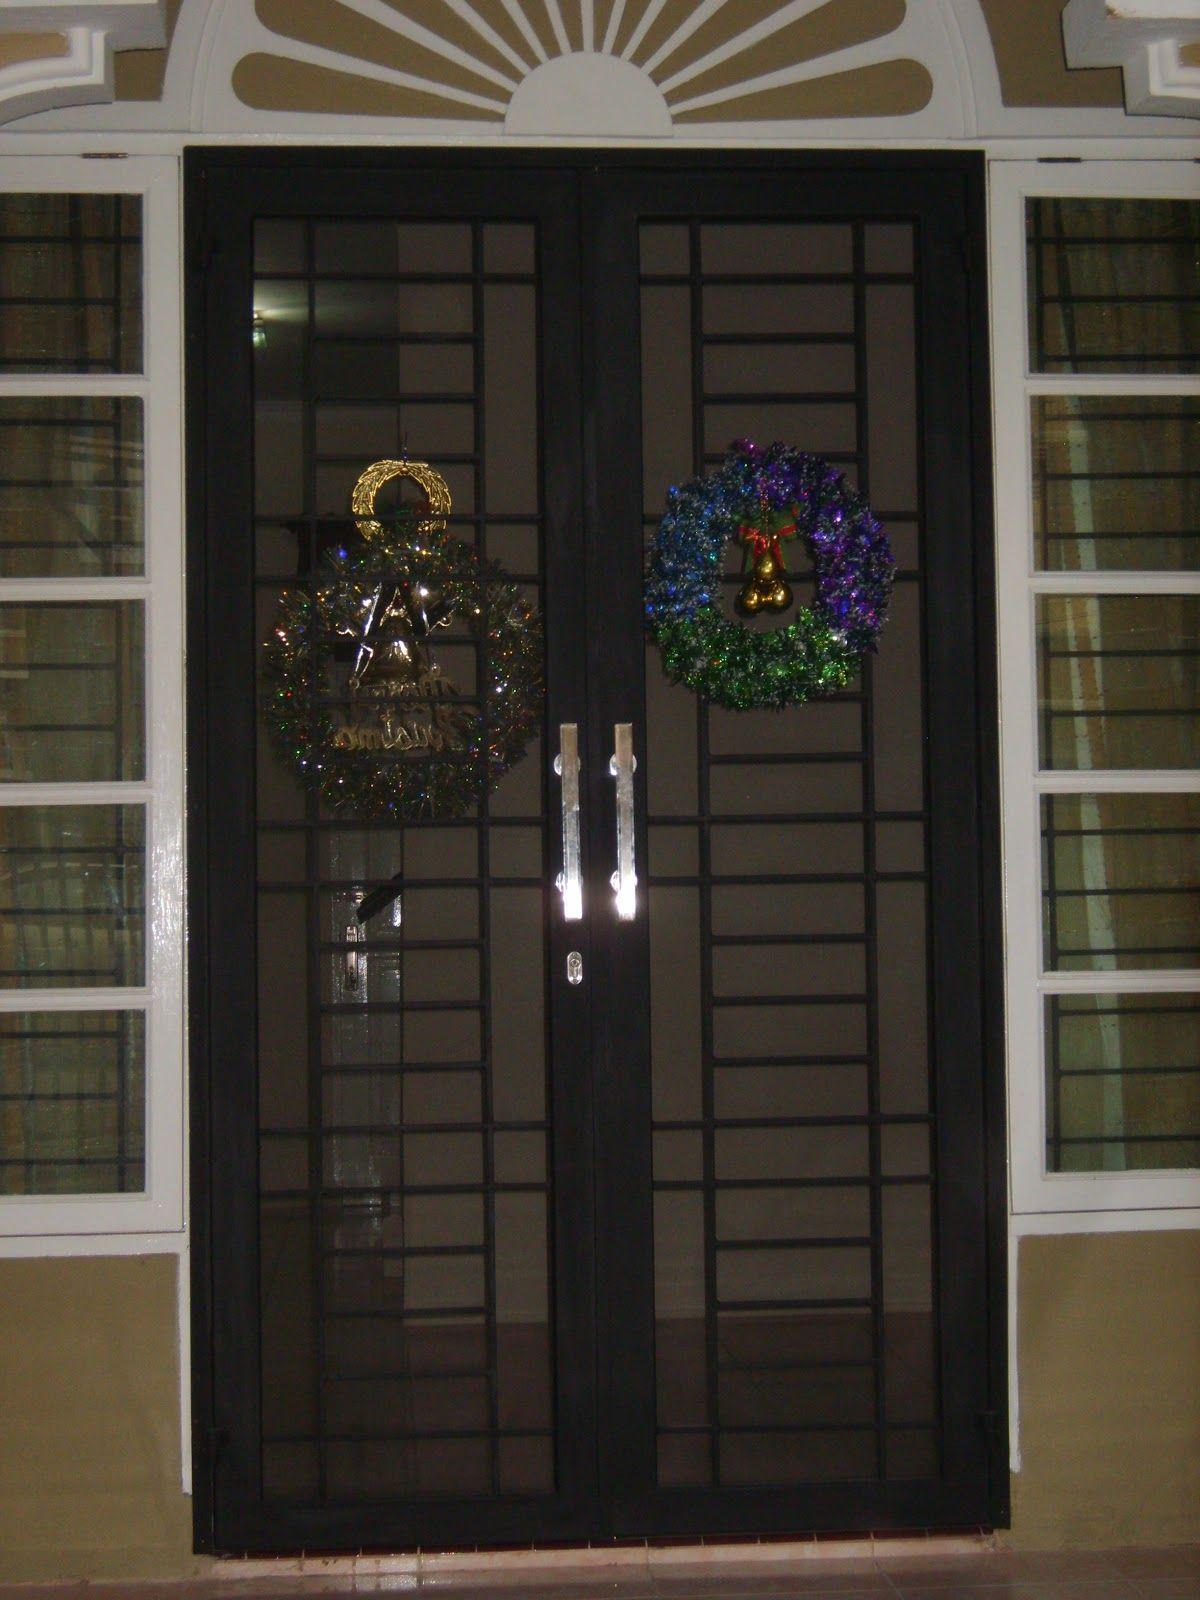 Tralis Minimalis Dan Clasik Gambar Teralis Dan Pintu Besi Window Design Design Architect Design Model teralis minimalis modern